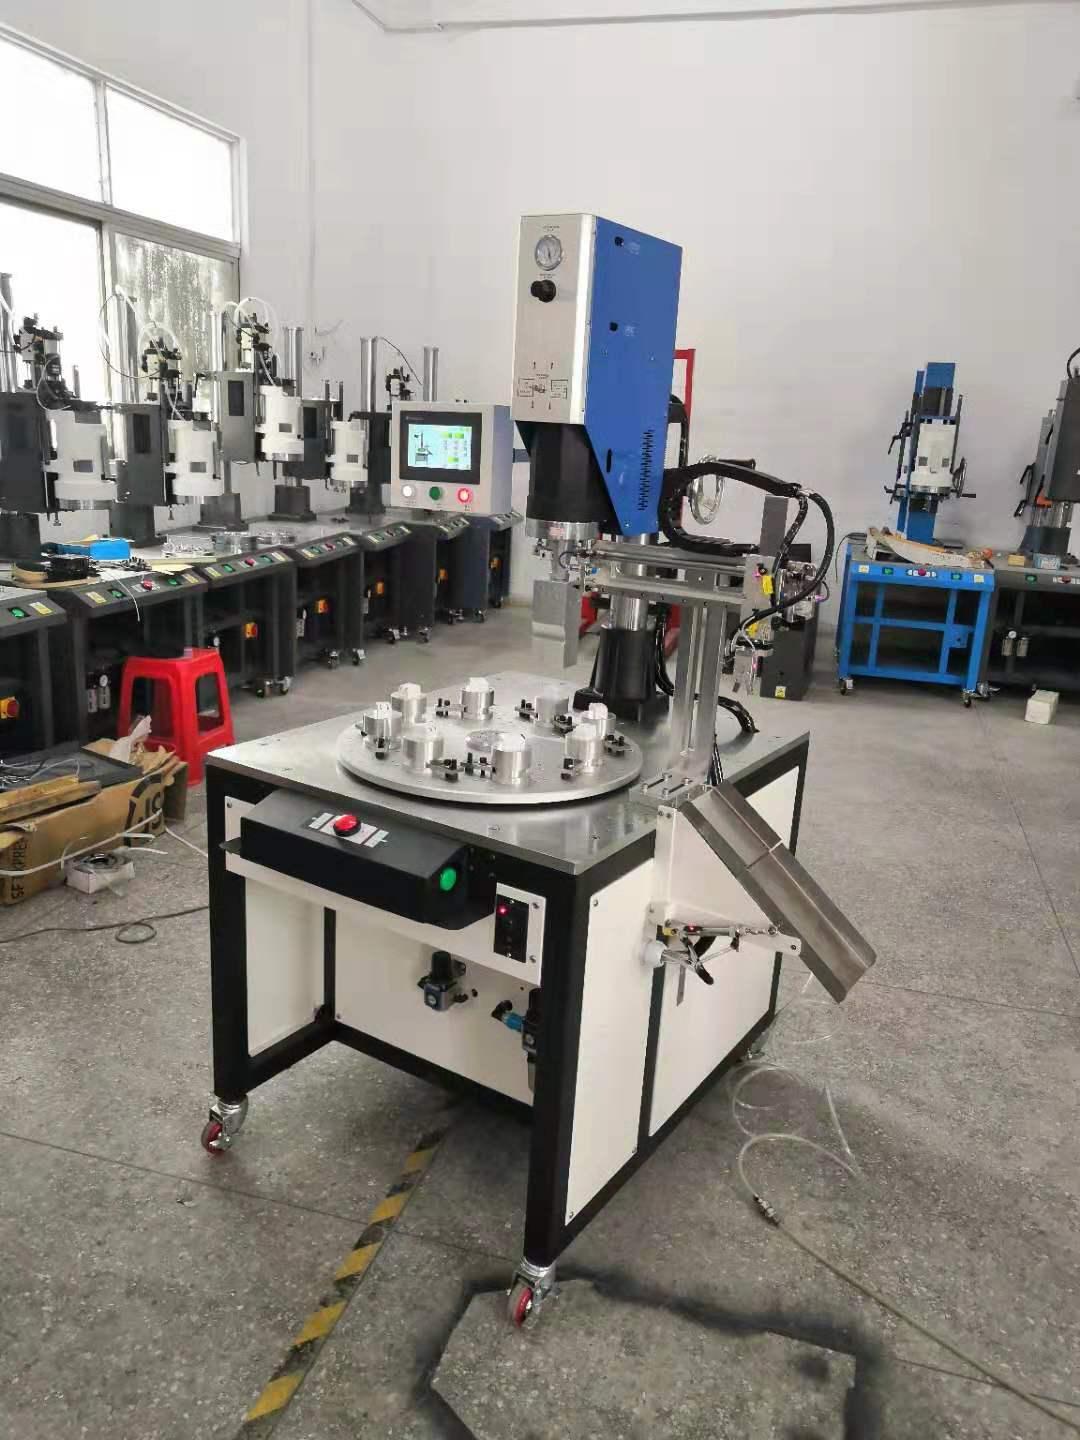 成都汉荣机械供应高质量的汉威超声波转盘式塑料焊接机 超声波转盘式塑料焊接机供销